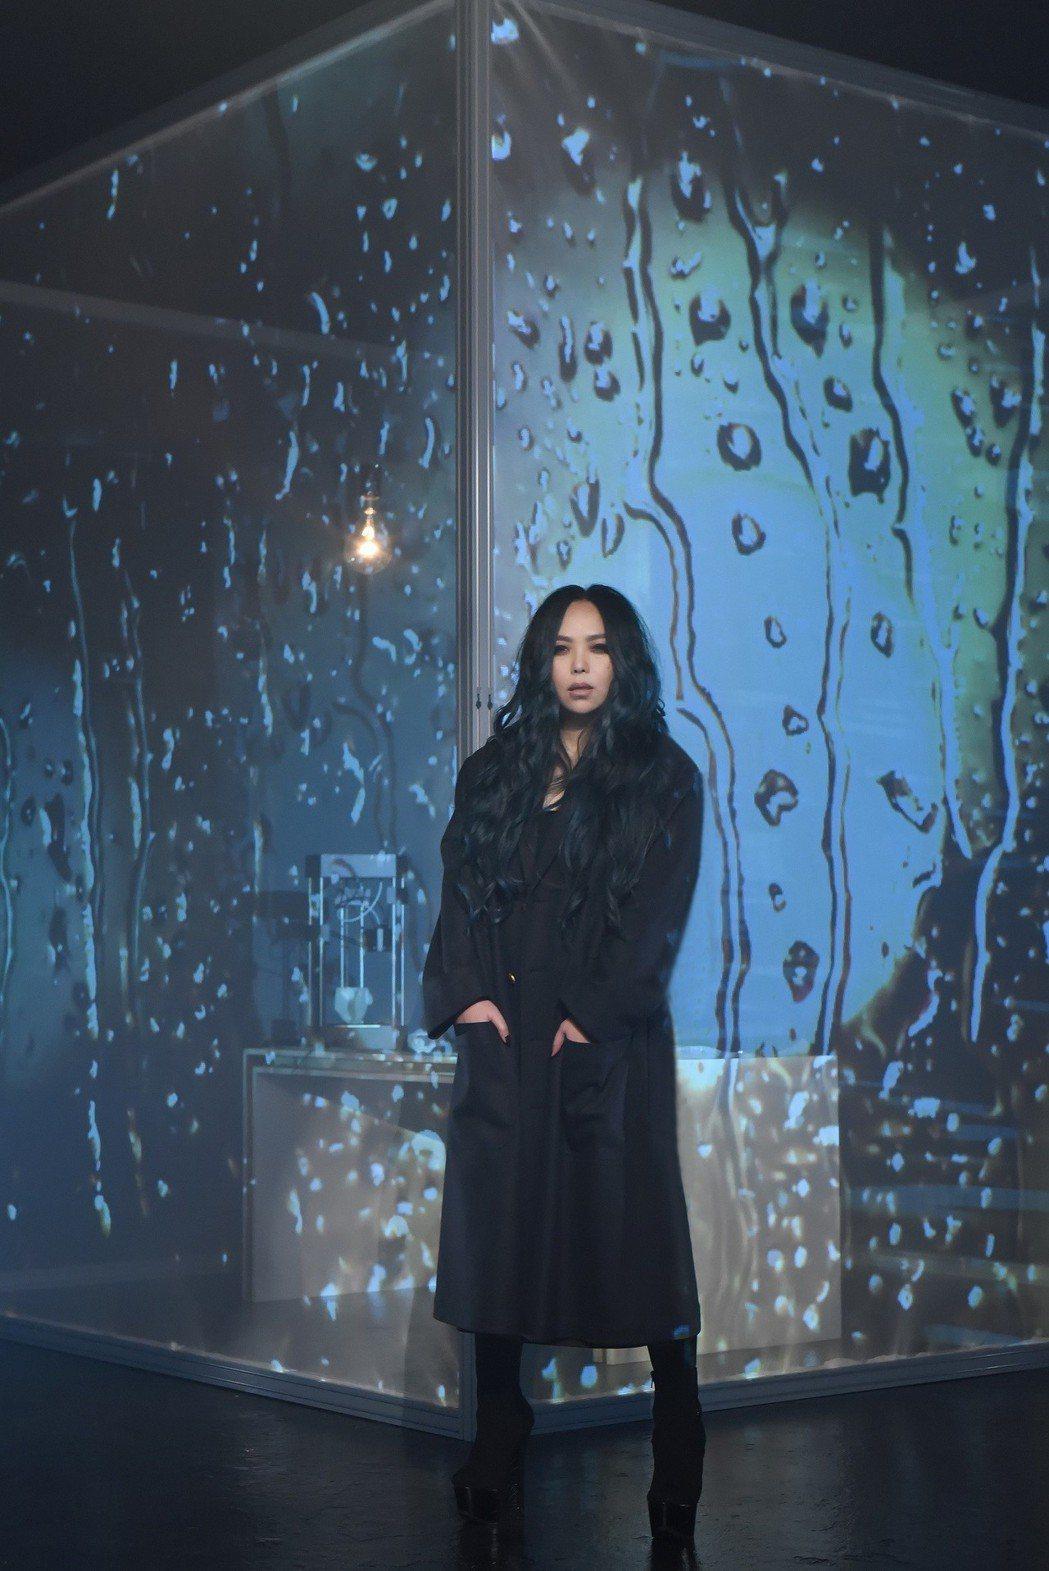 阿妹新專輯「偷故事的人」推出黑膠限定版。圖/EMI提供